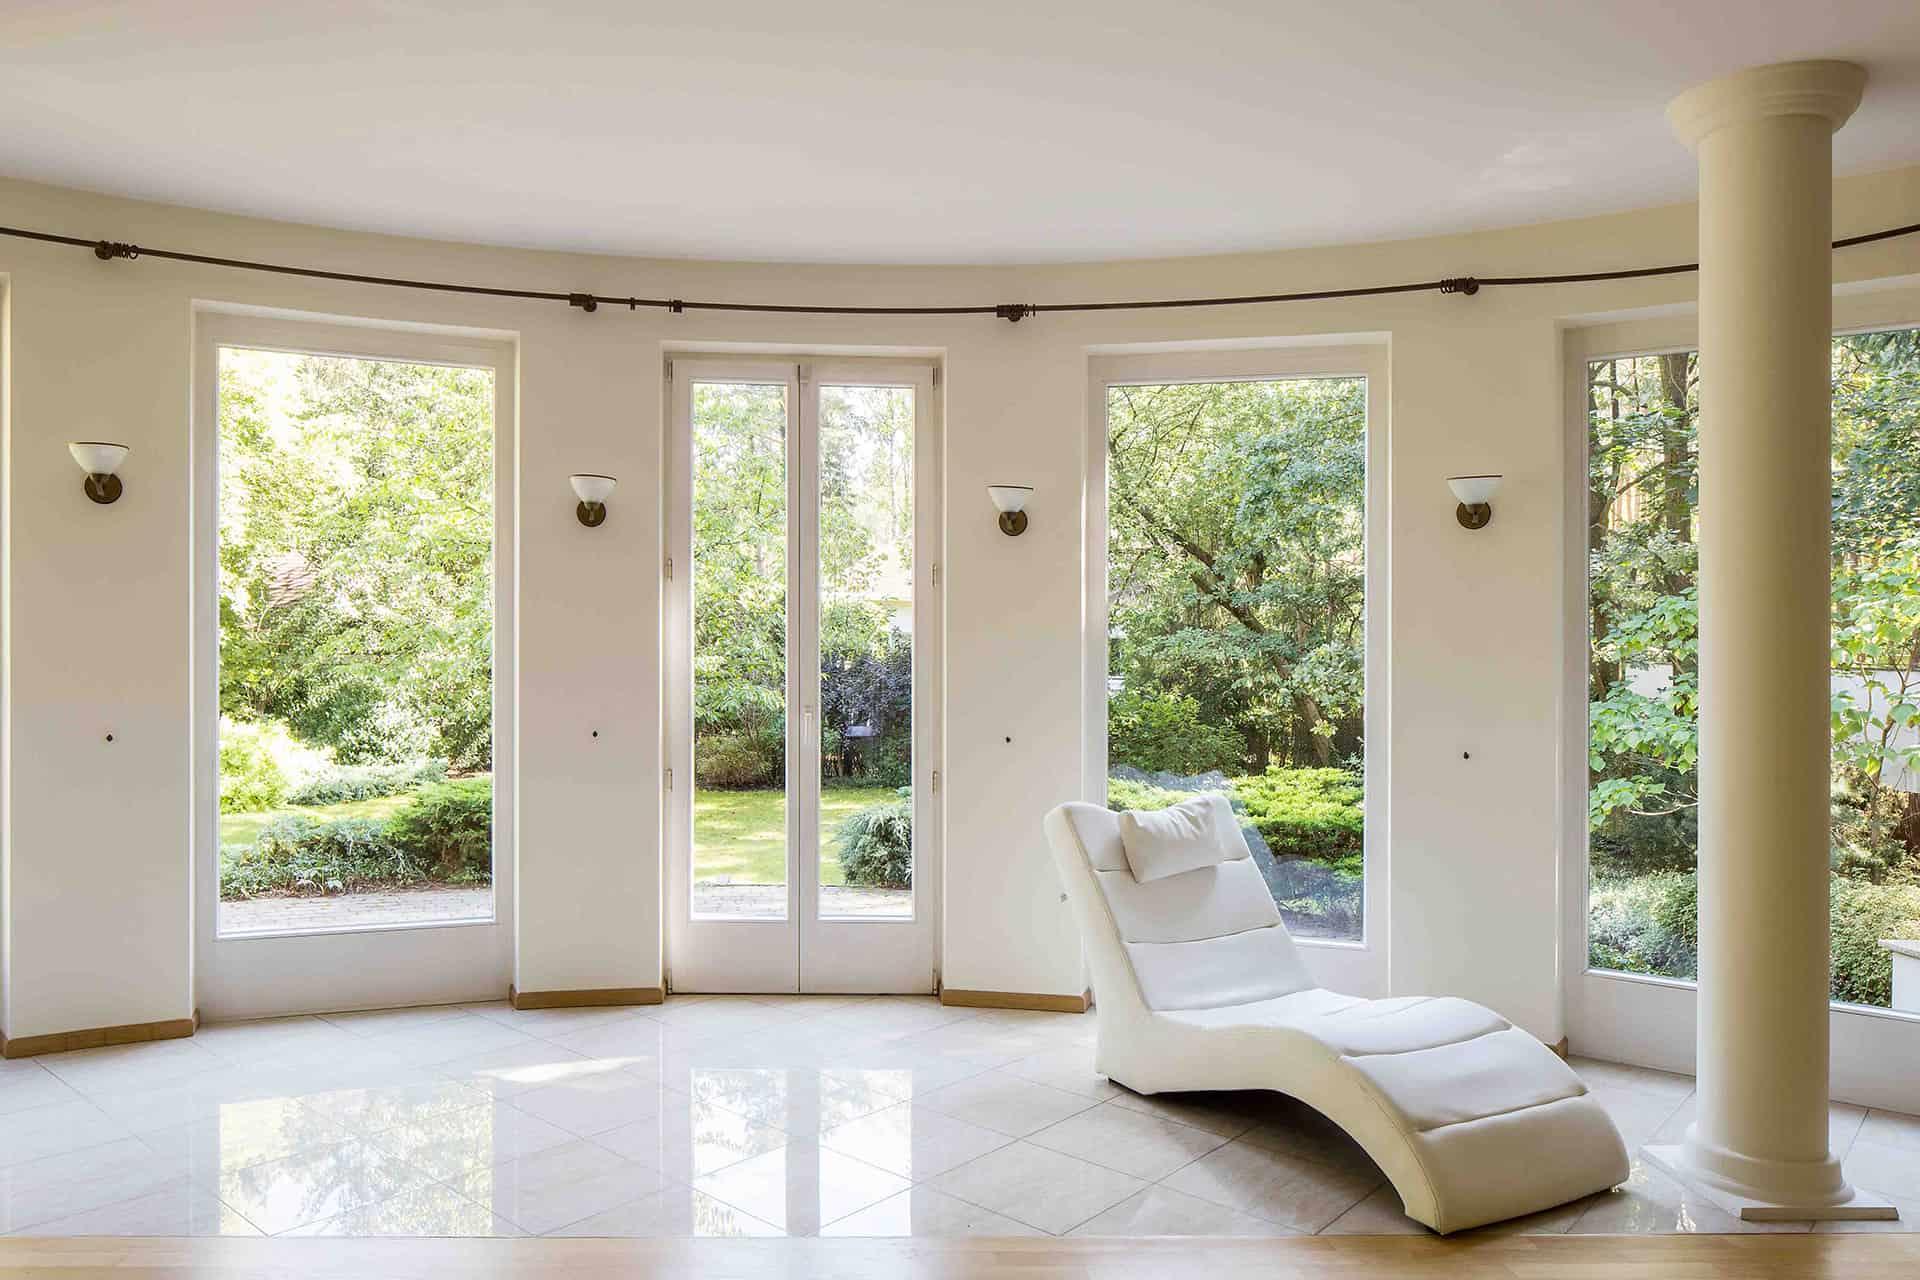 Ośrodek terapii uzależnień - salon z widokiem na ogród